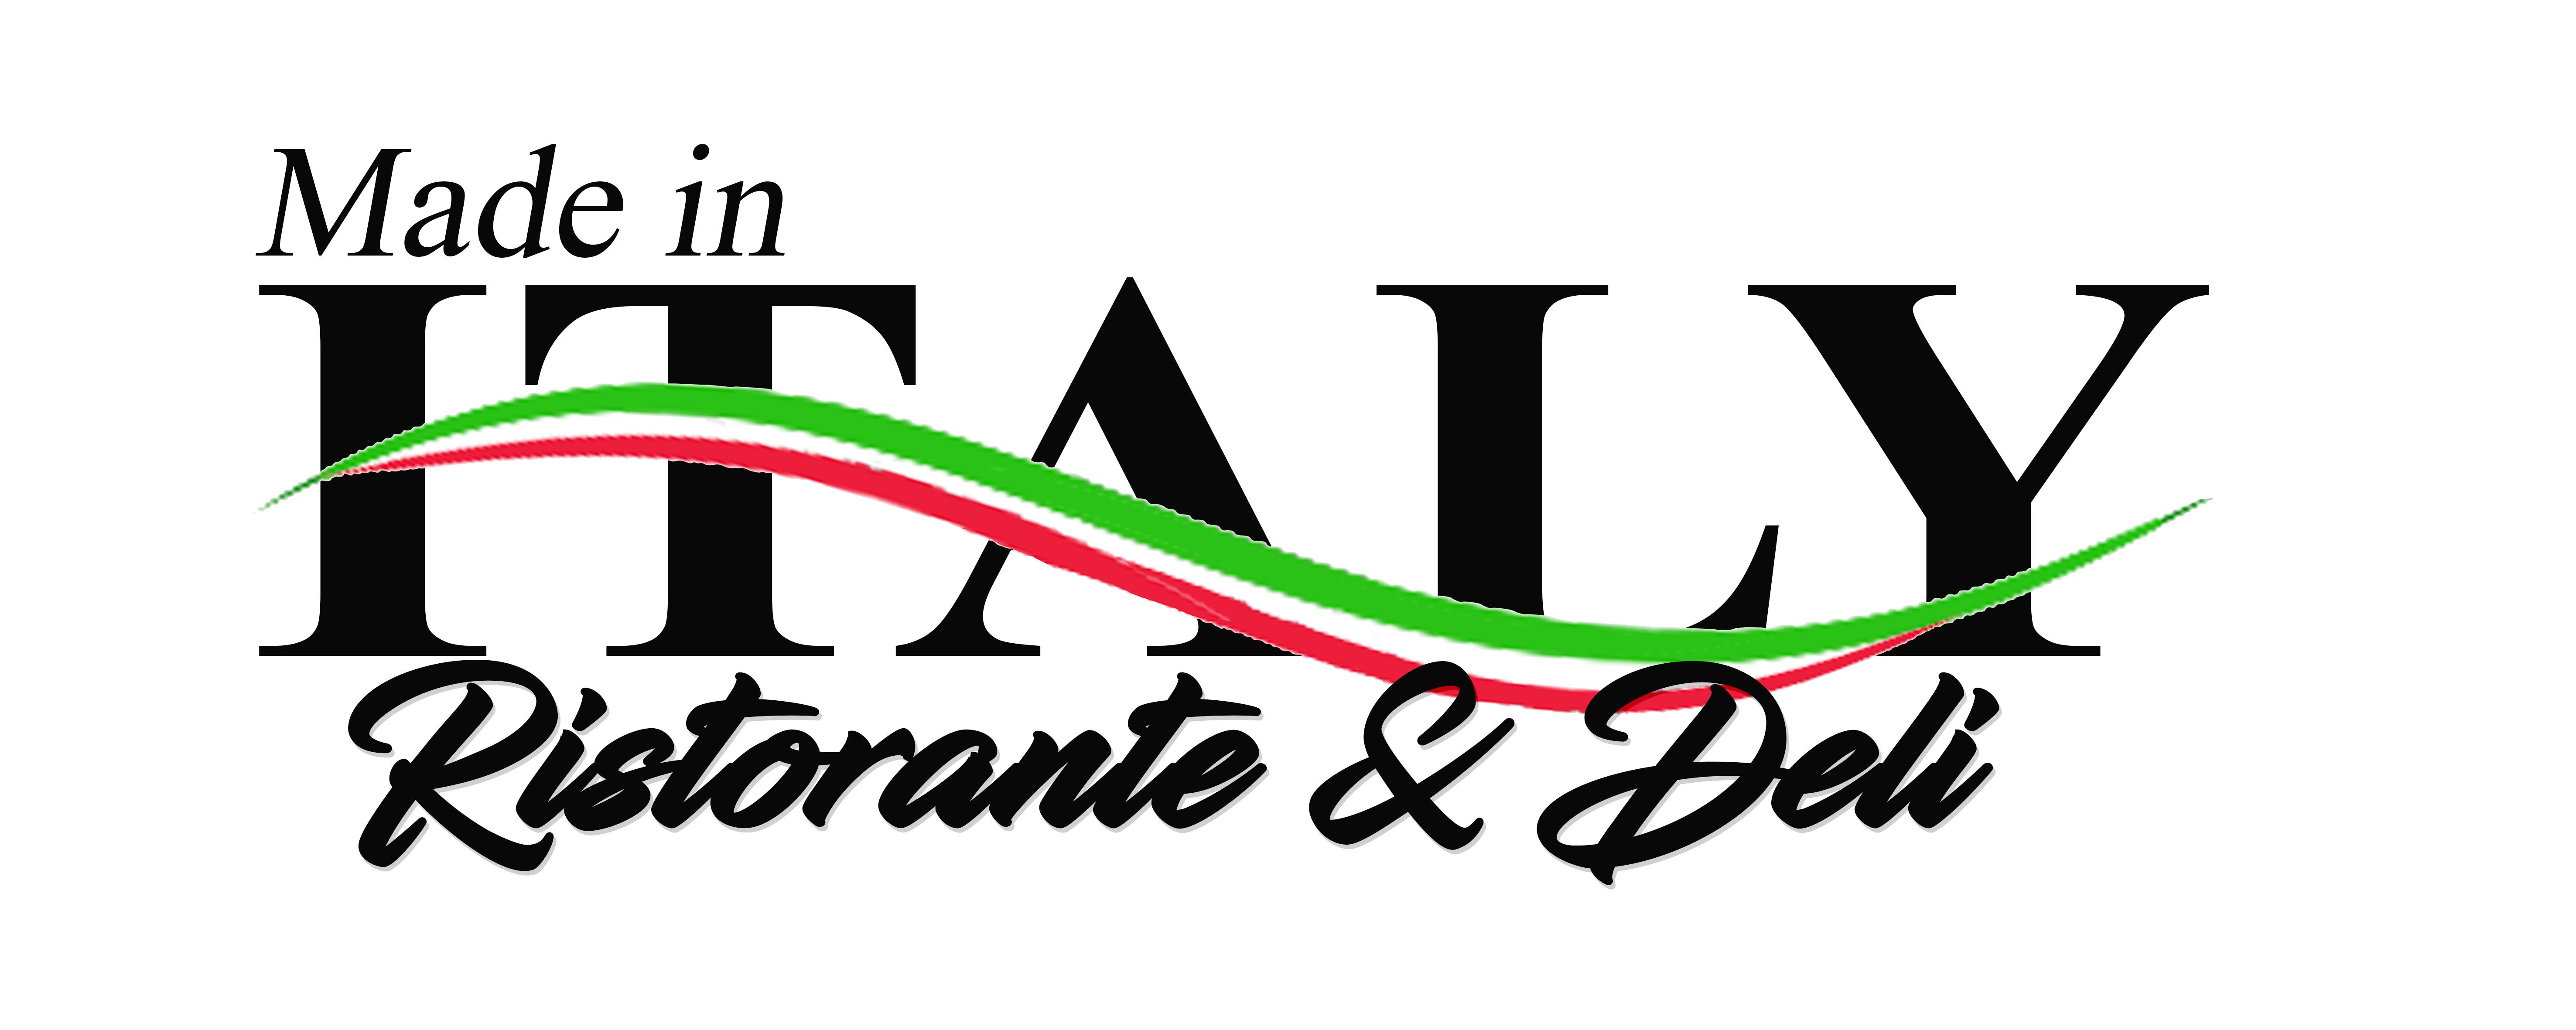 Italian made deli Co. LTD